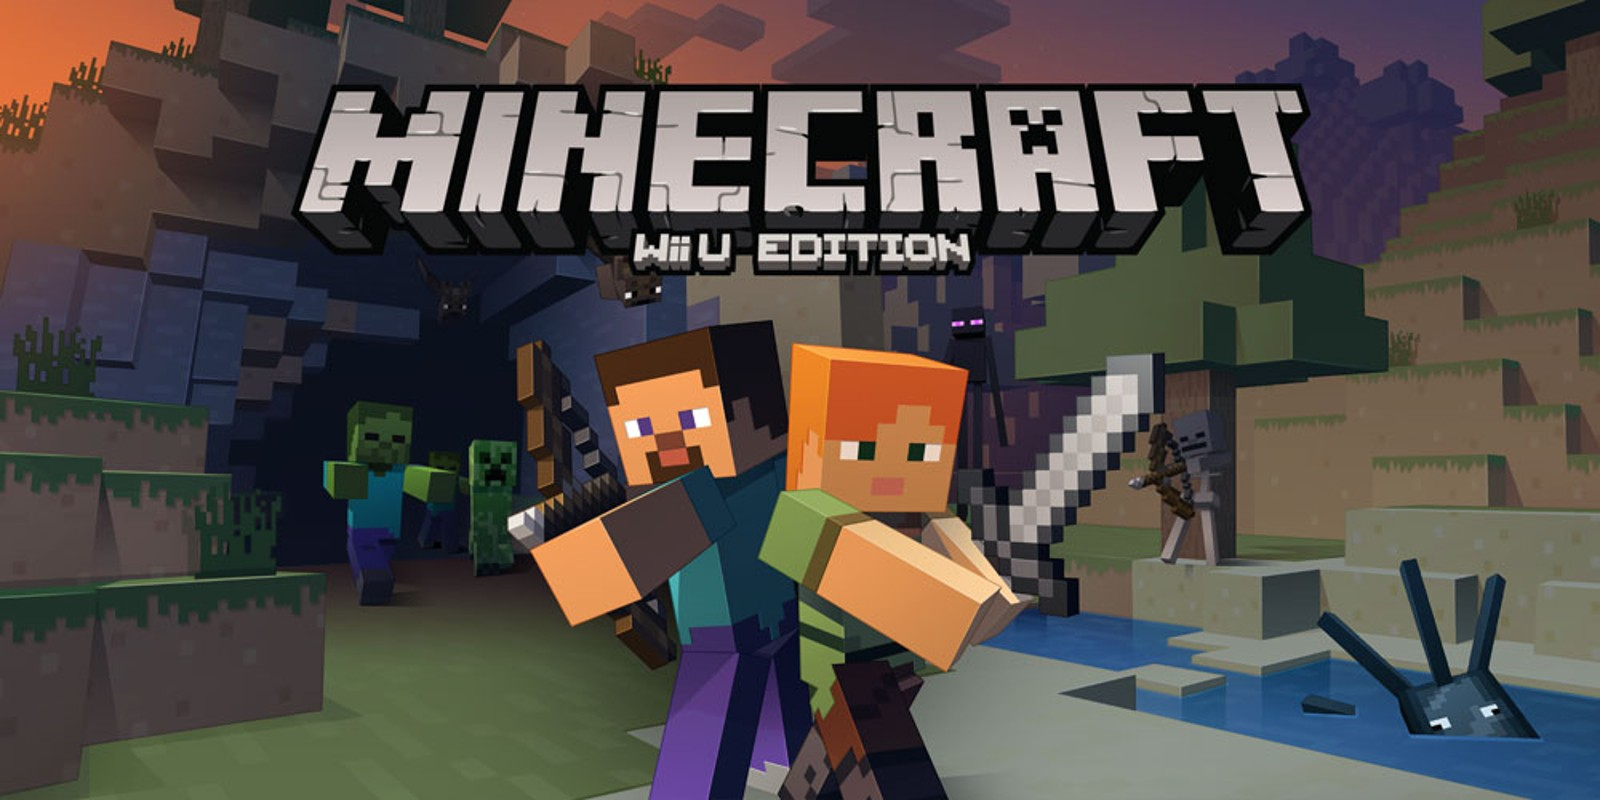 Spiele Nintendo - Minecraft spiele anschauen